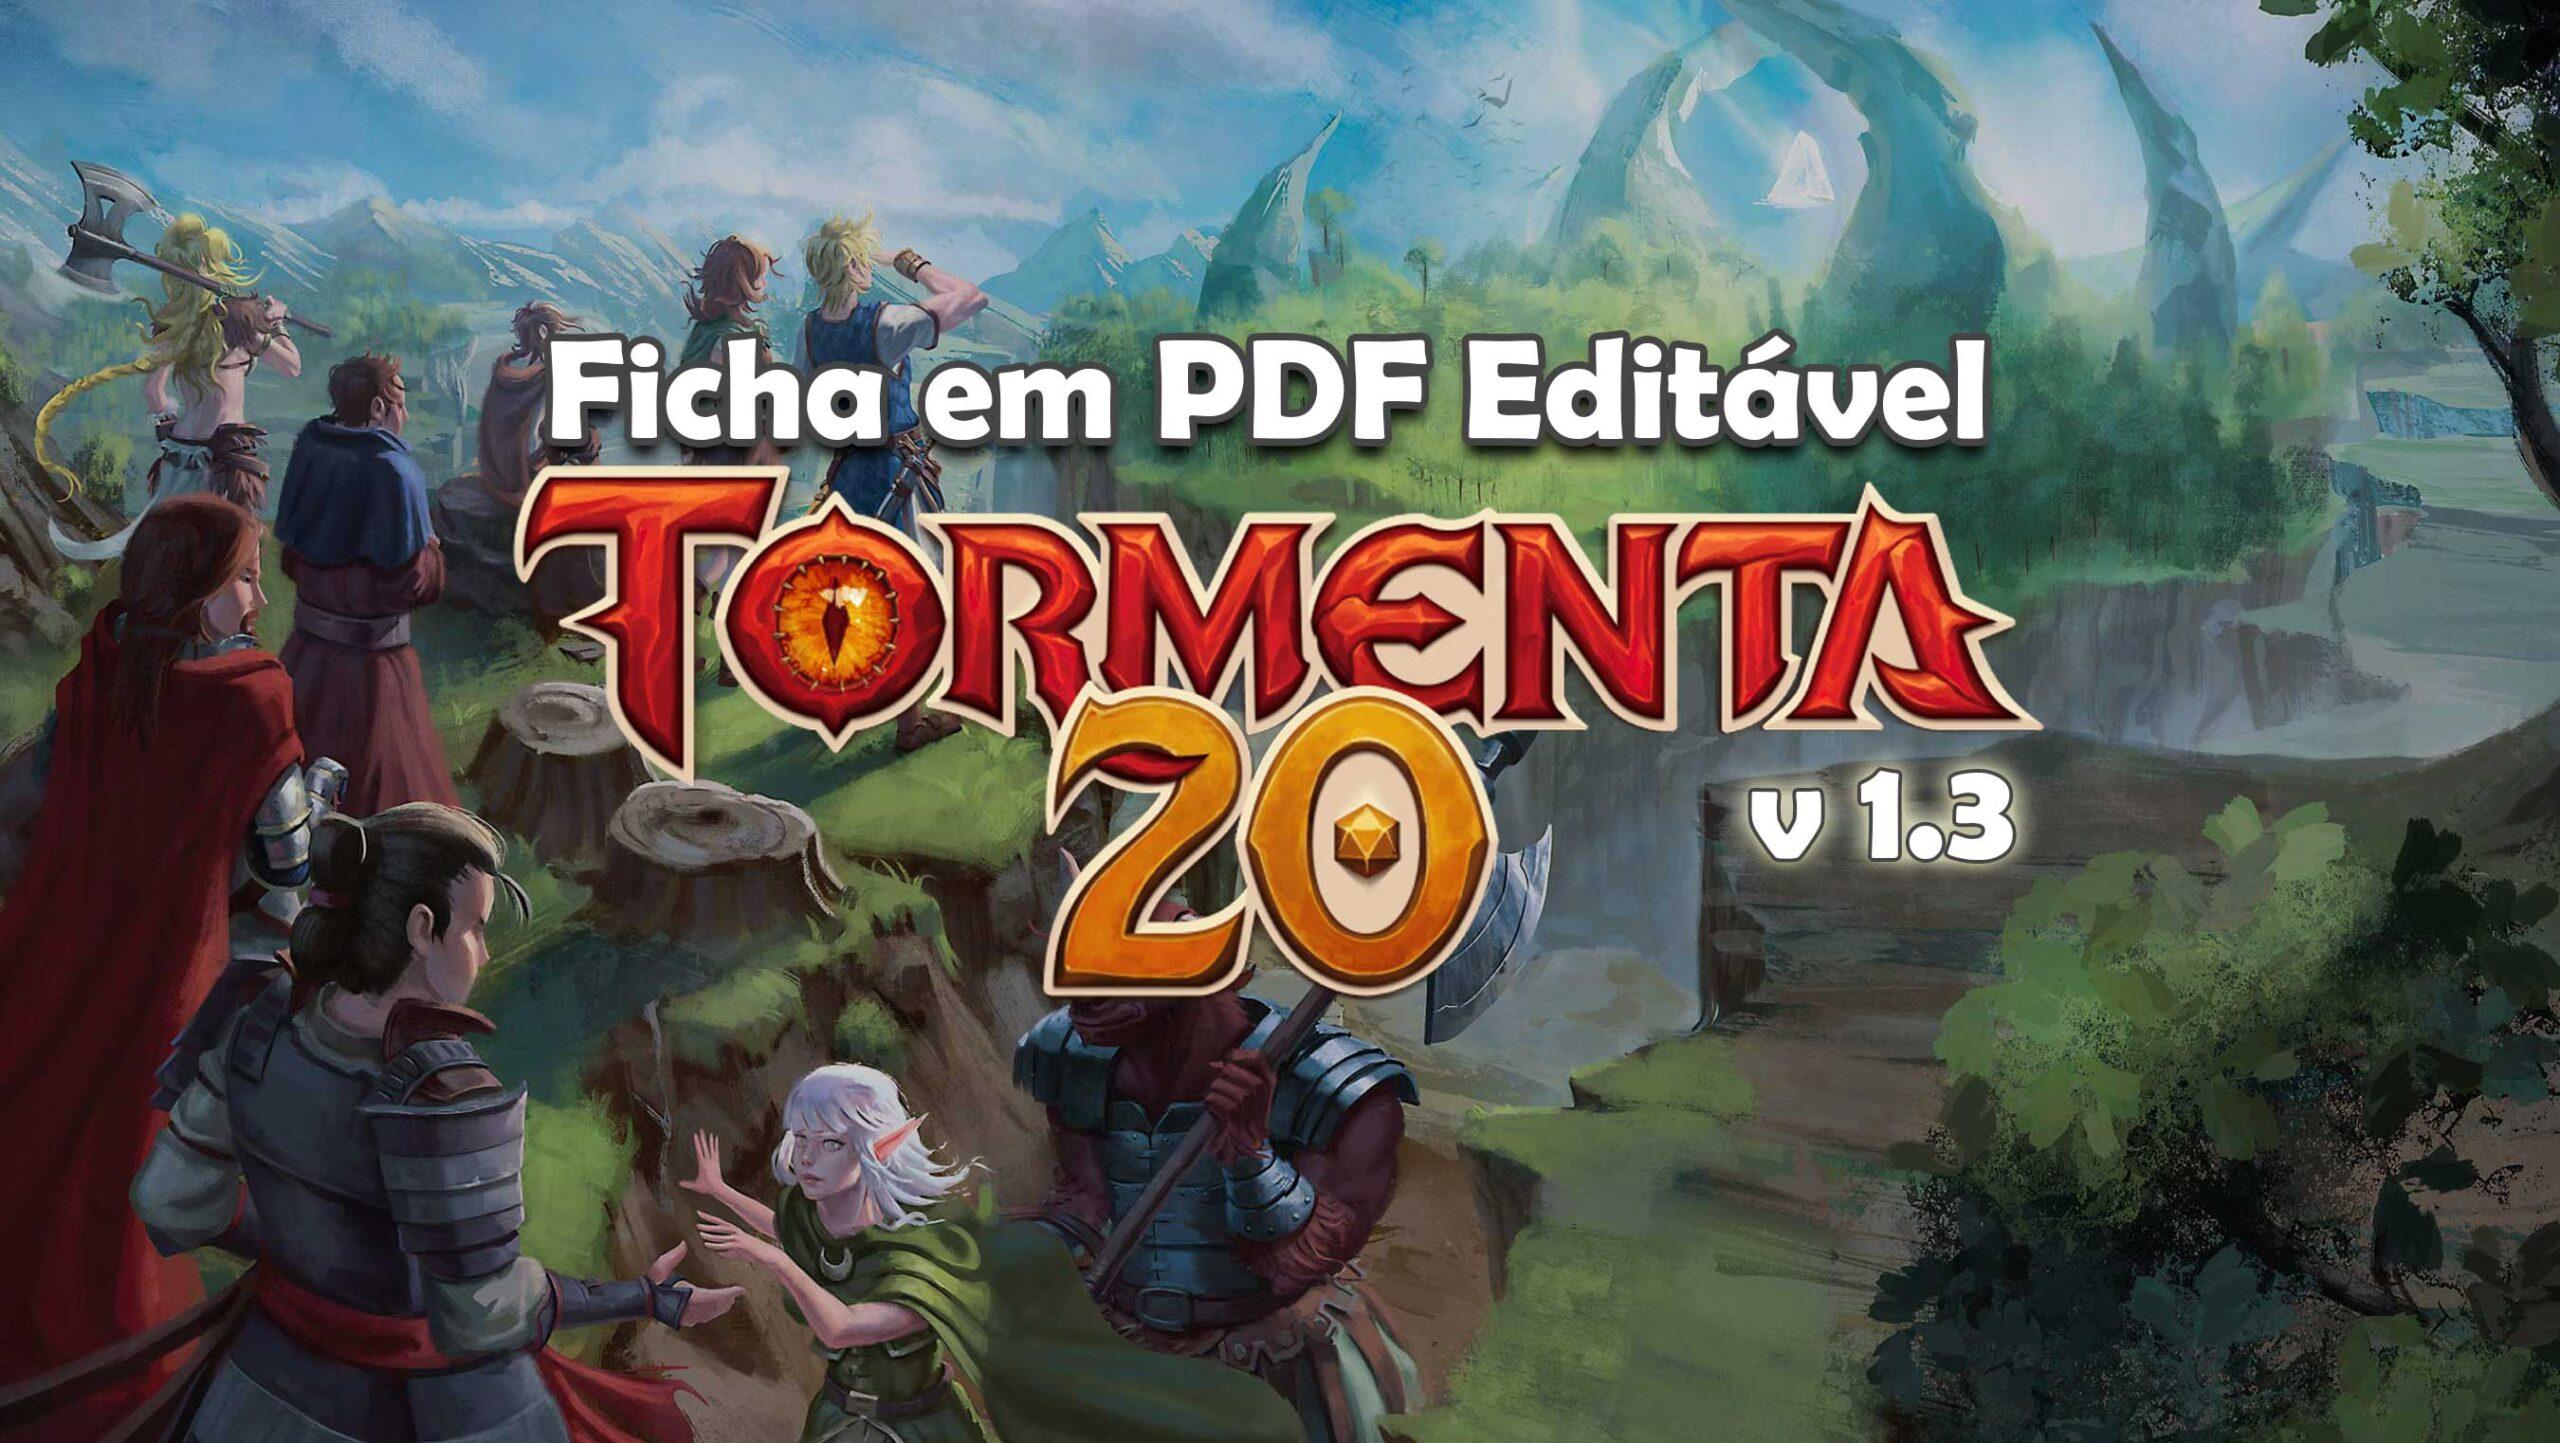 Tormenta20-FichaT20-v1.3